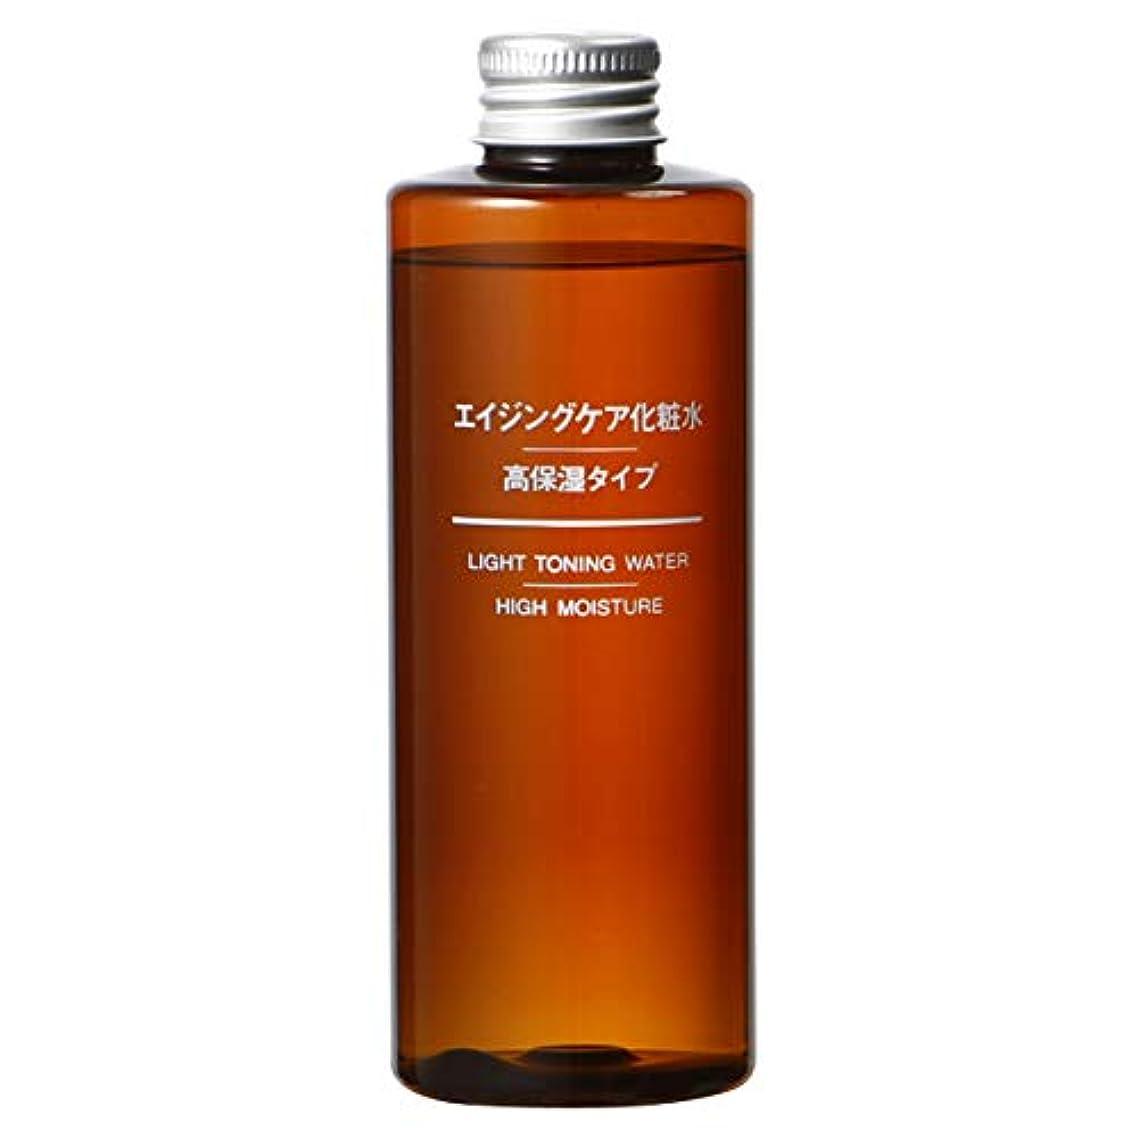 ディレクターベジタリアンインド無印良品 エイジングケア化粧水?高保湿タイプ 200ml